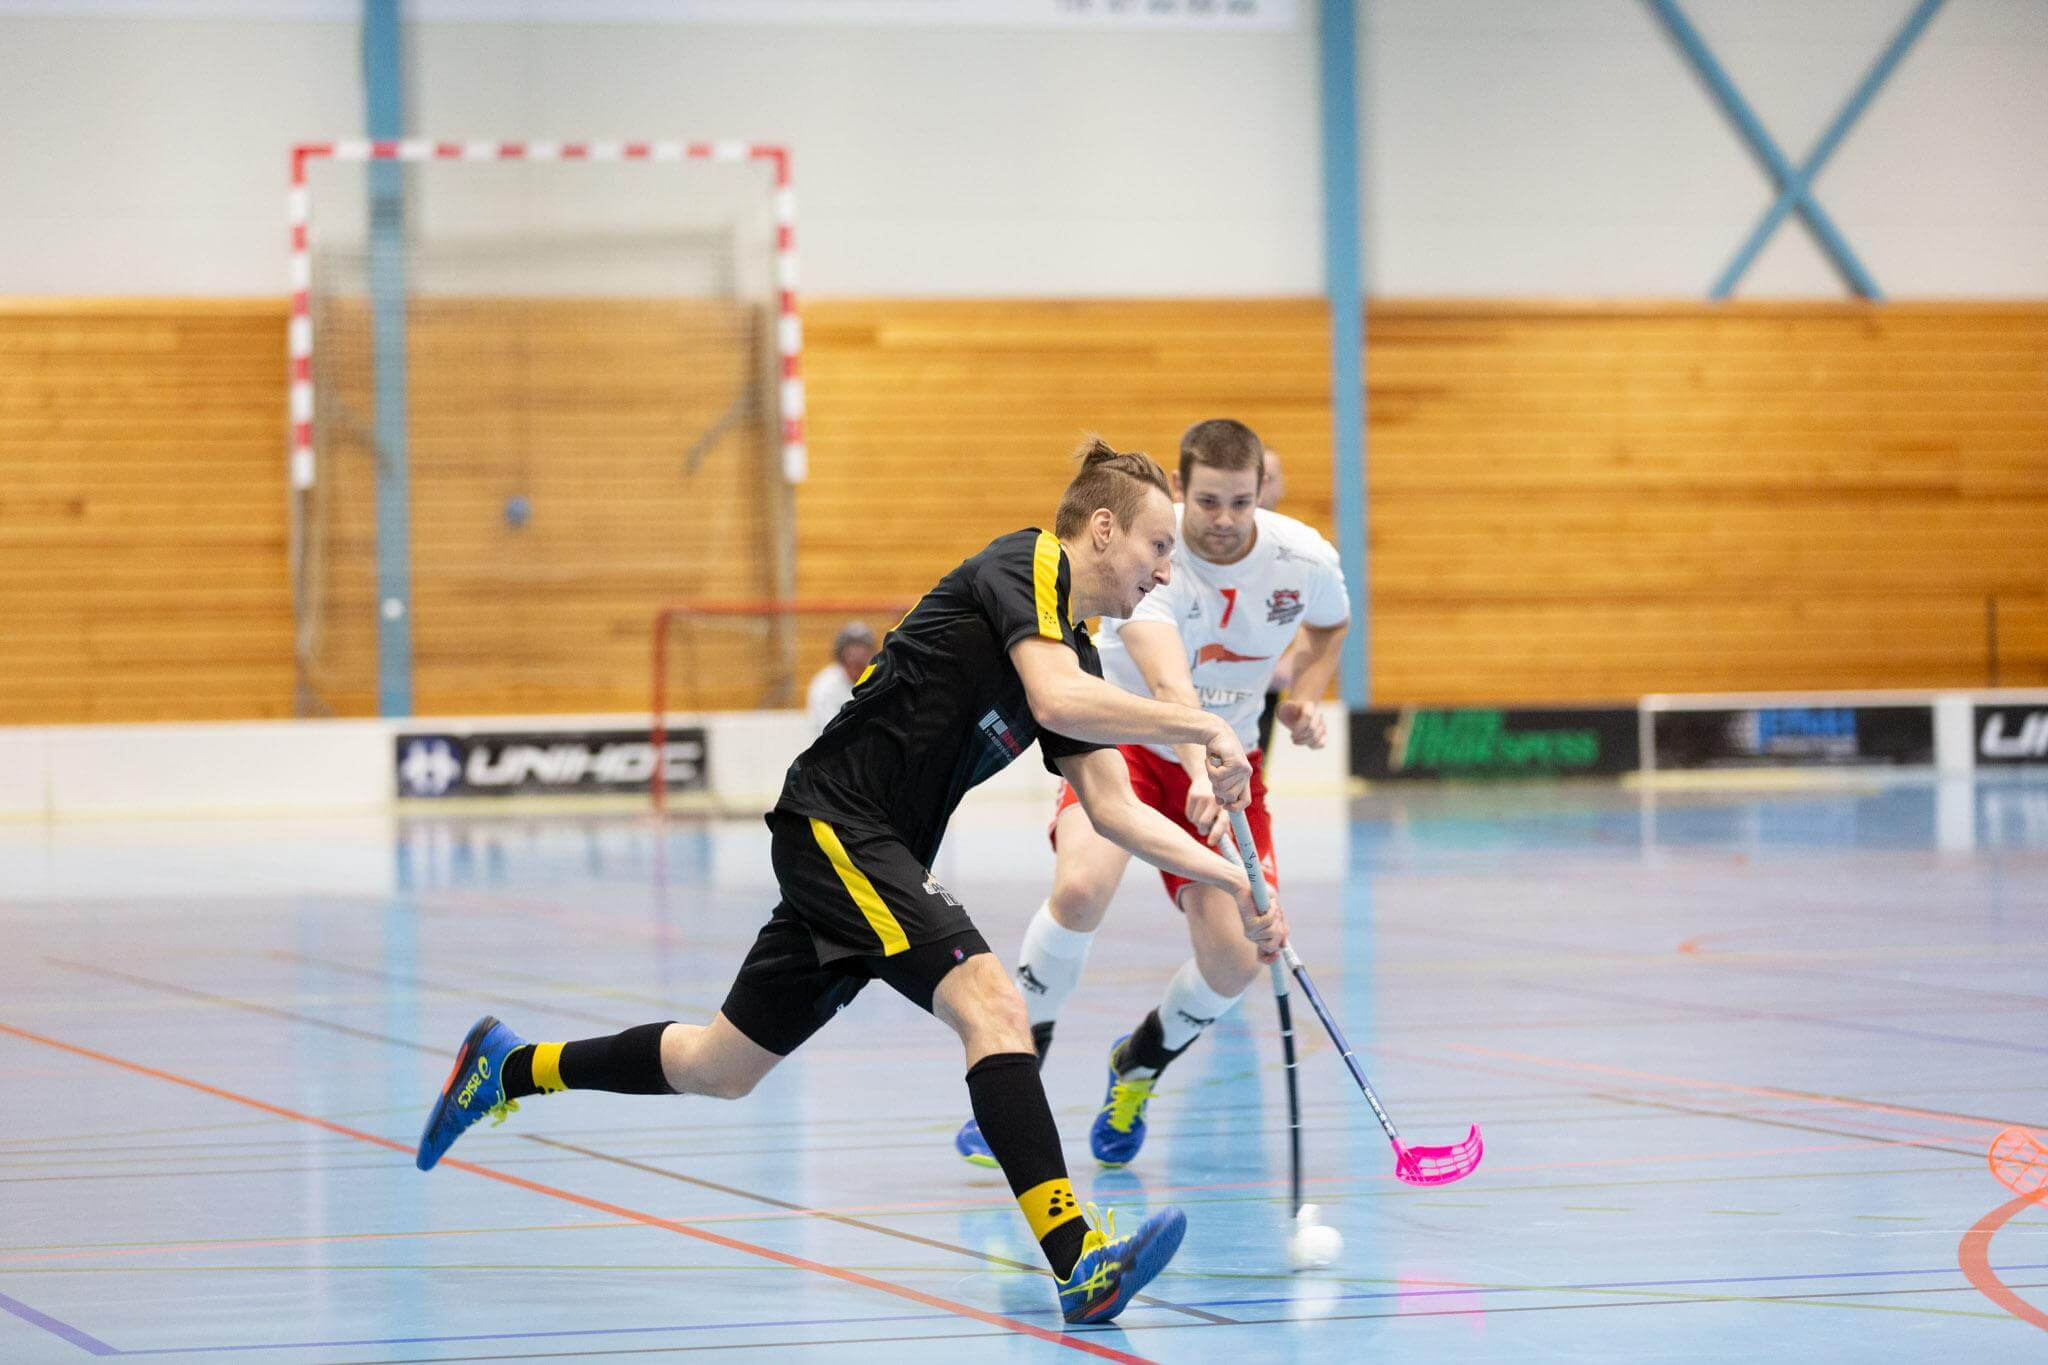 Bilder fra Sandnes oppgjør mot Fredrikstad i eliteserien for menn 19. desember 2020.